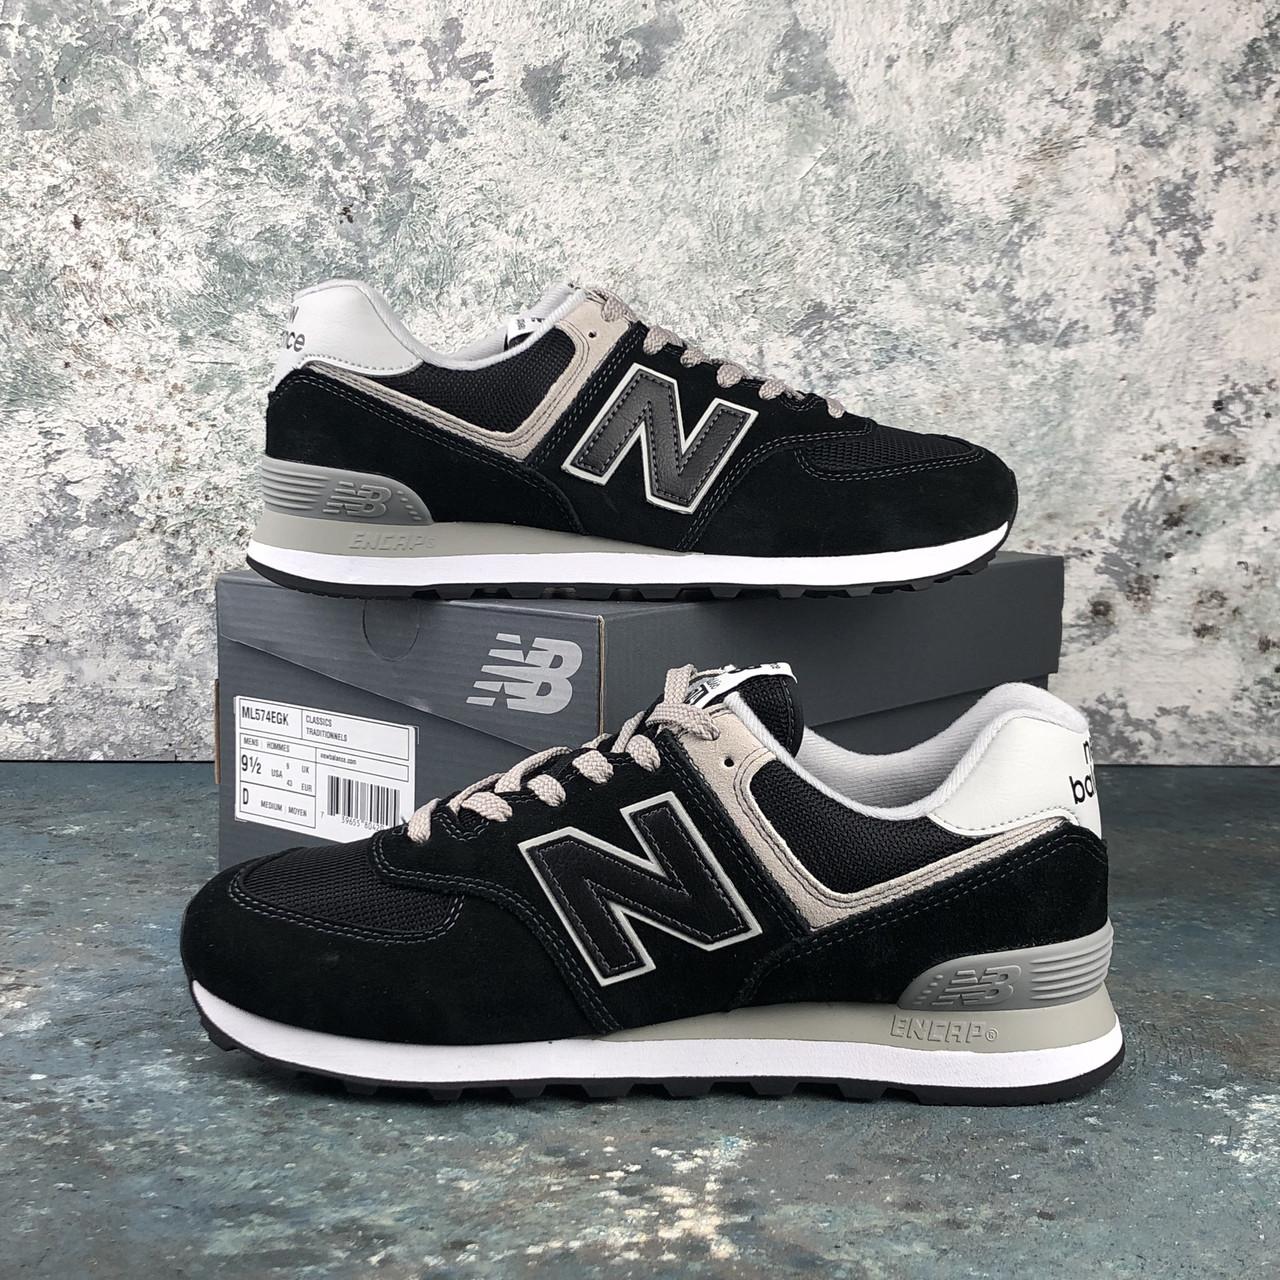 Мужские кроссовки New Balance 574 Black/White ML574EGK. Оригинал. Замша. Подошва резина, фото 1